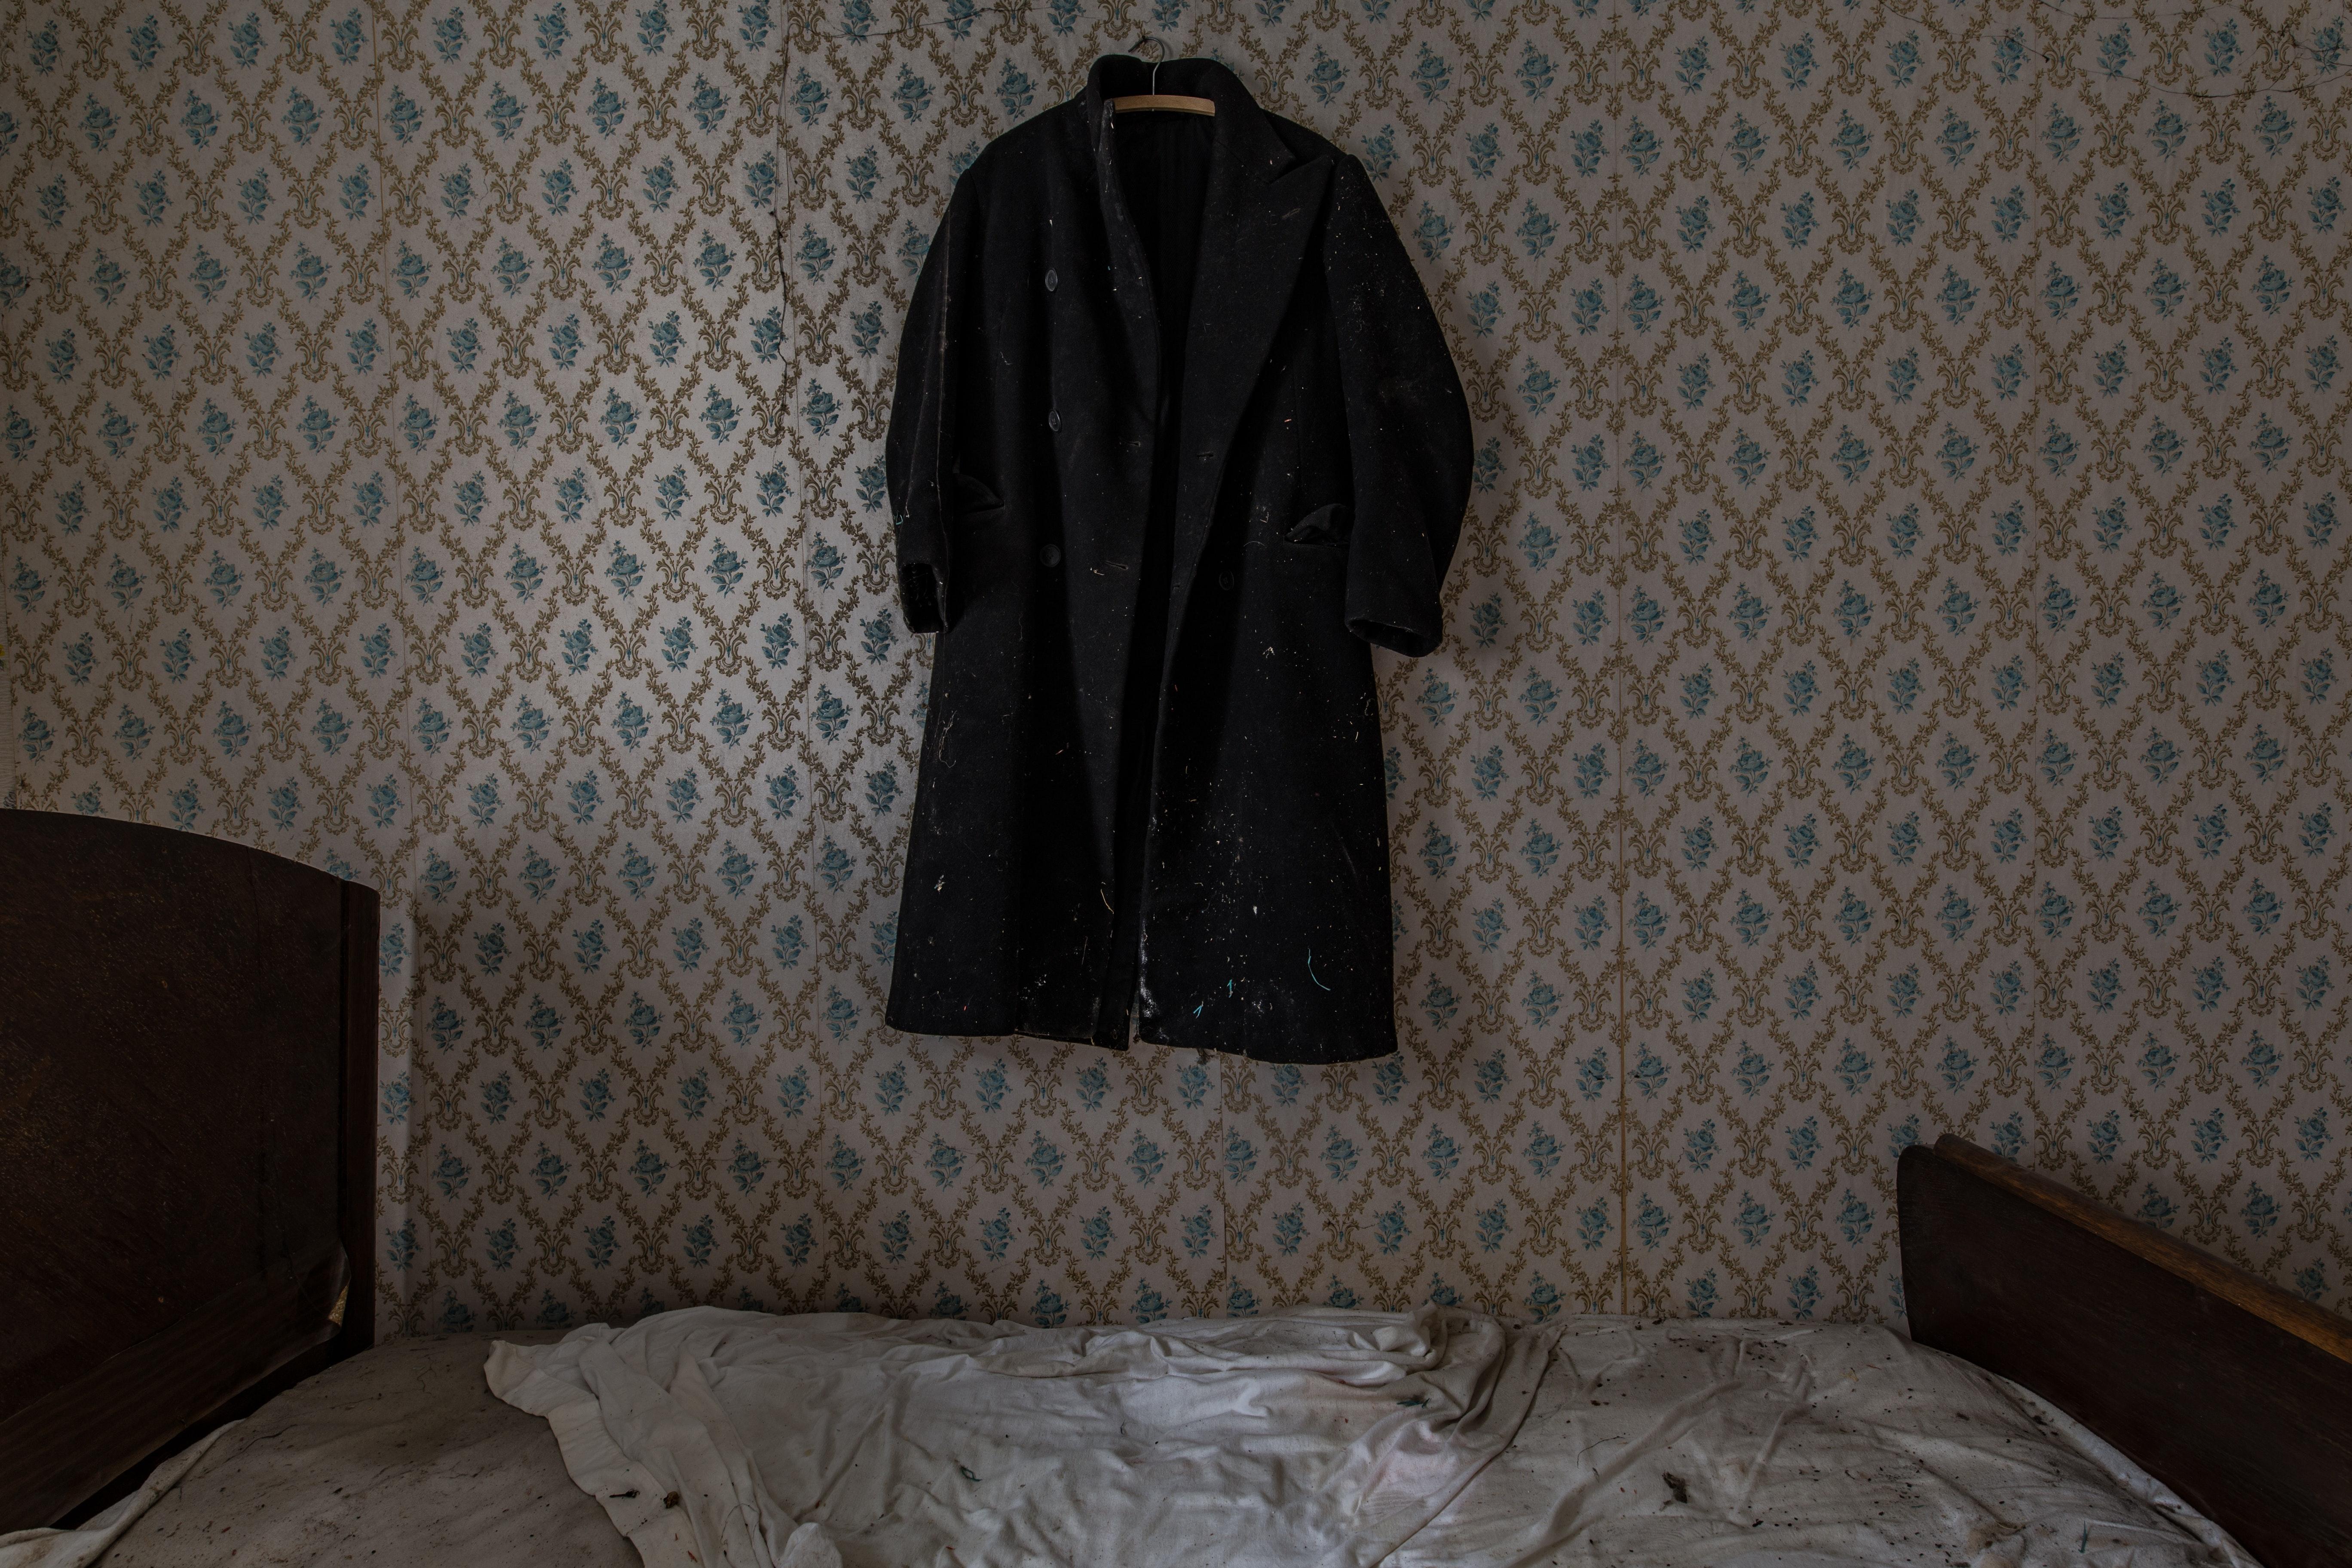 Lit Exterieur Design images gratuites : chambre, mur, vêtements d'extérieur